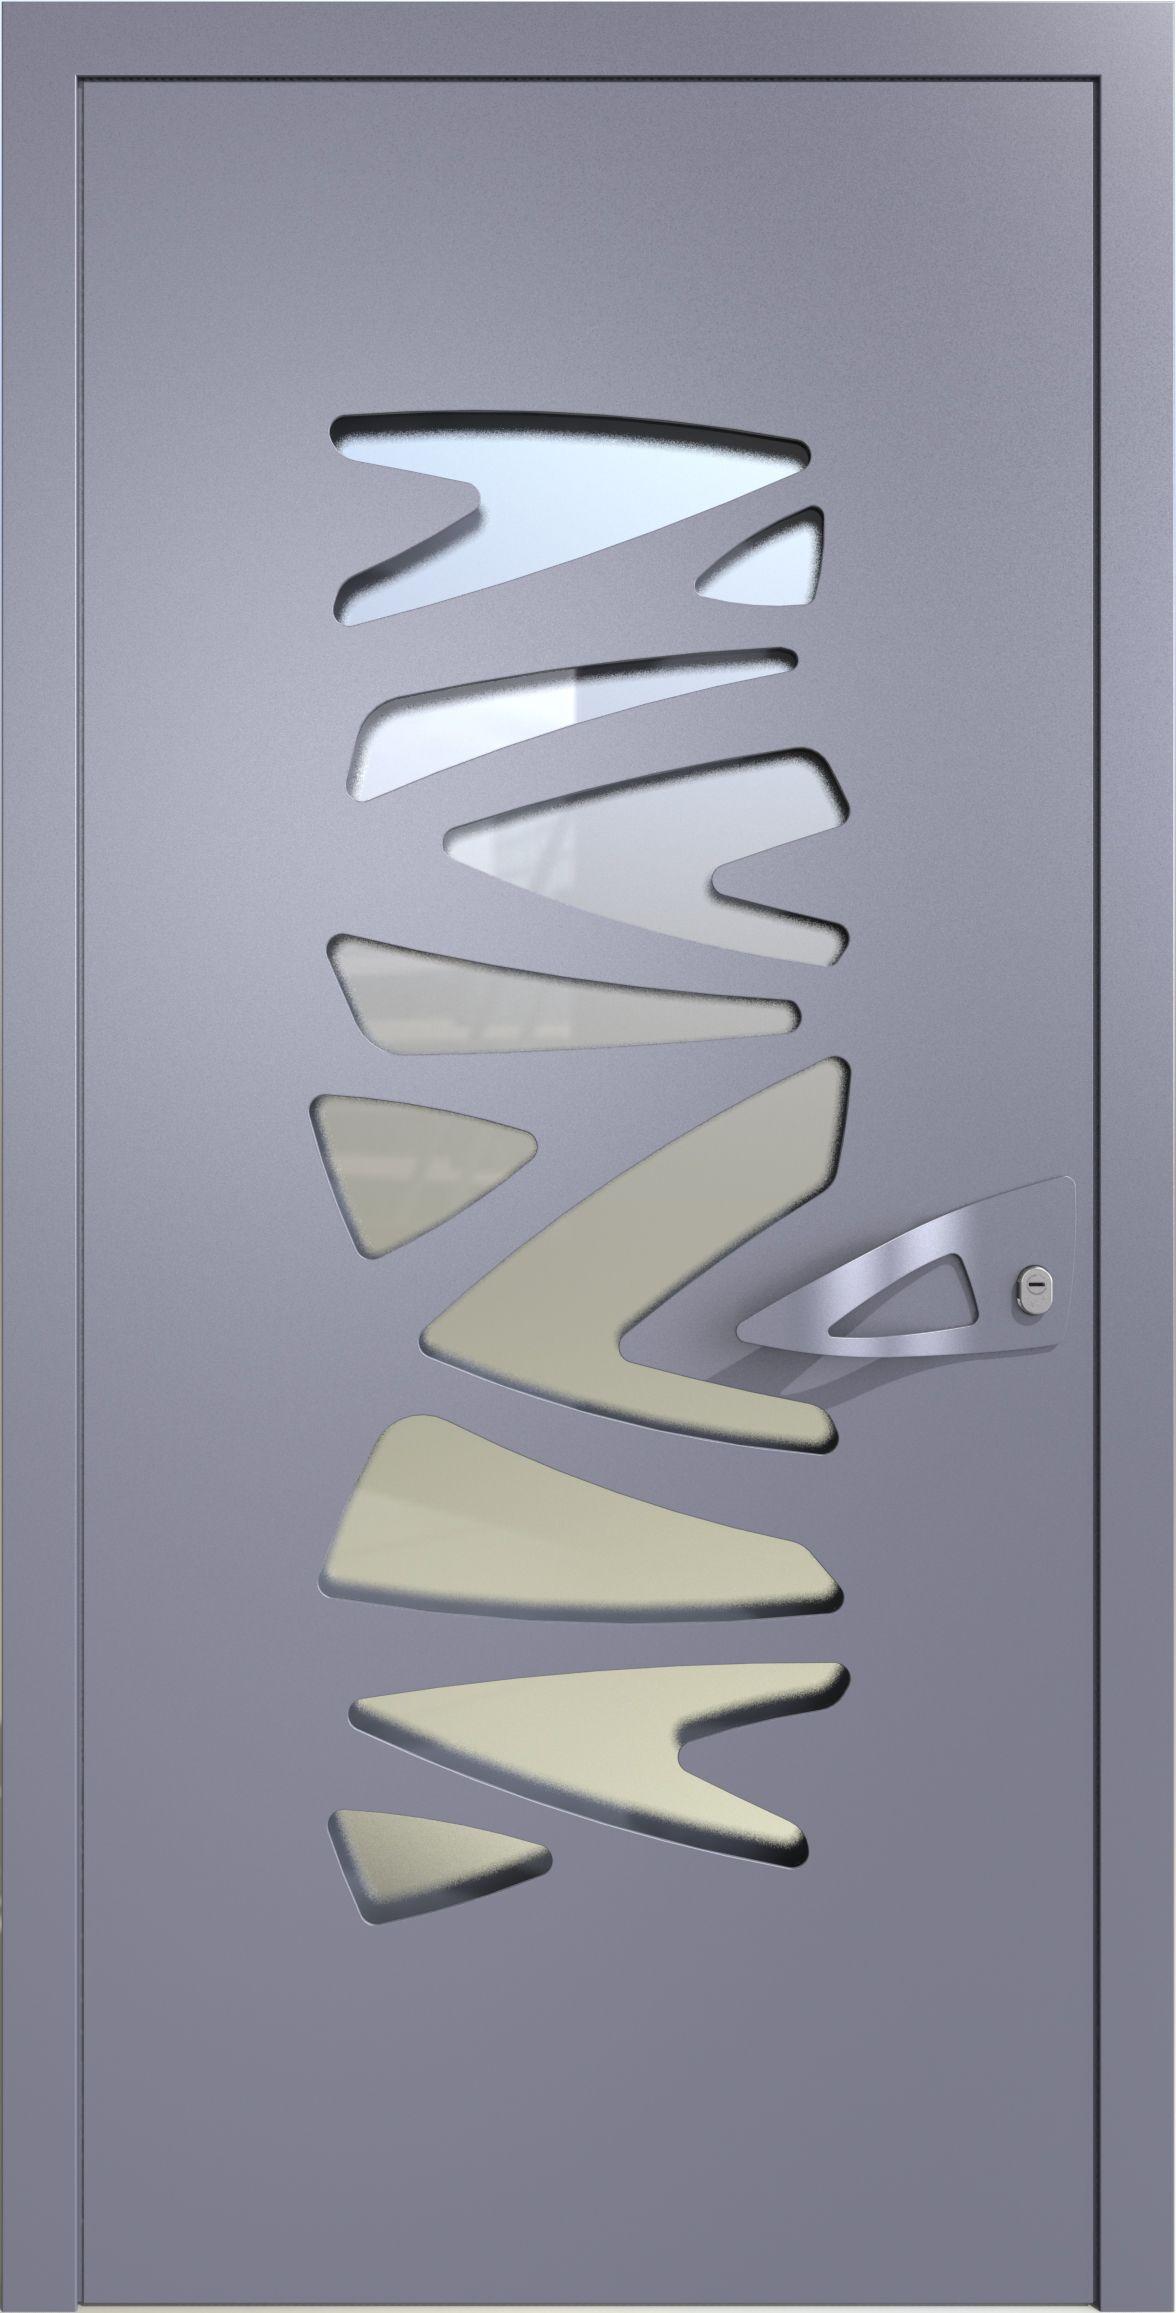 דלת כניסה אדווהדלתות כניסה מעוצבות בנגיעה אומנותית ליין art